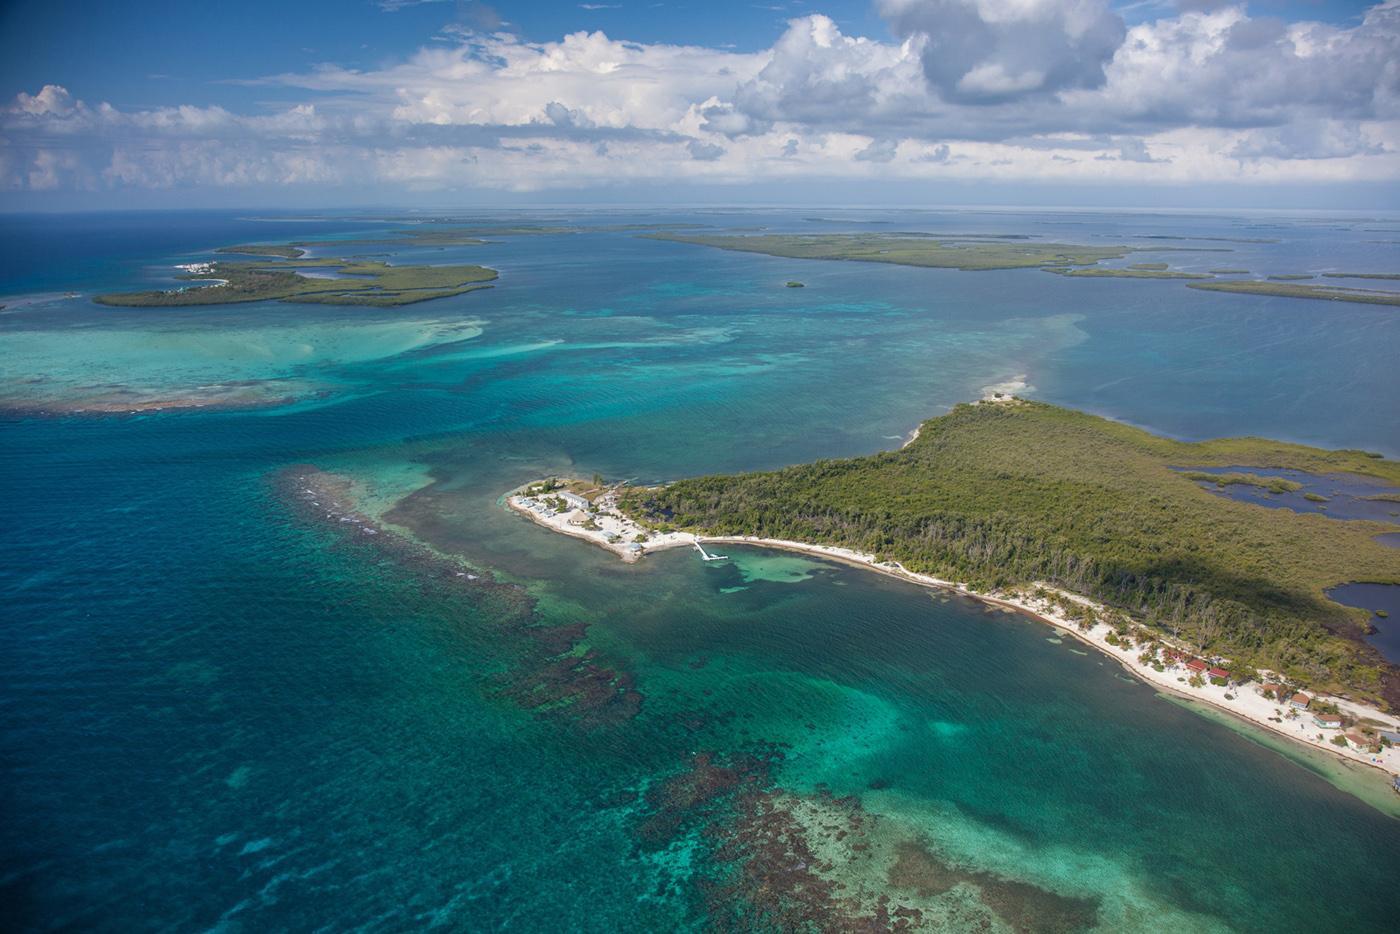 belize atolls - turneffe atolls